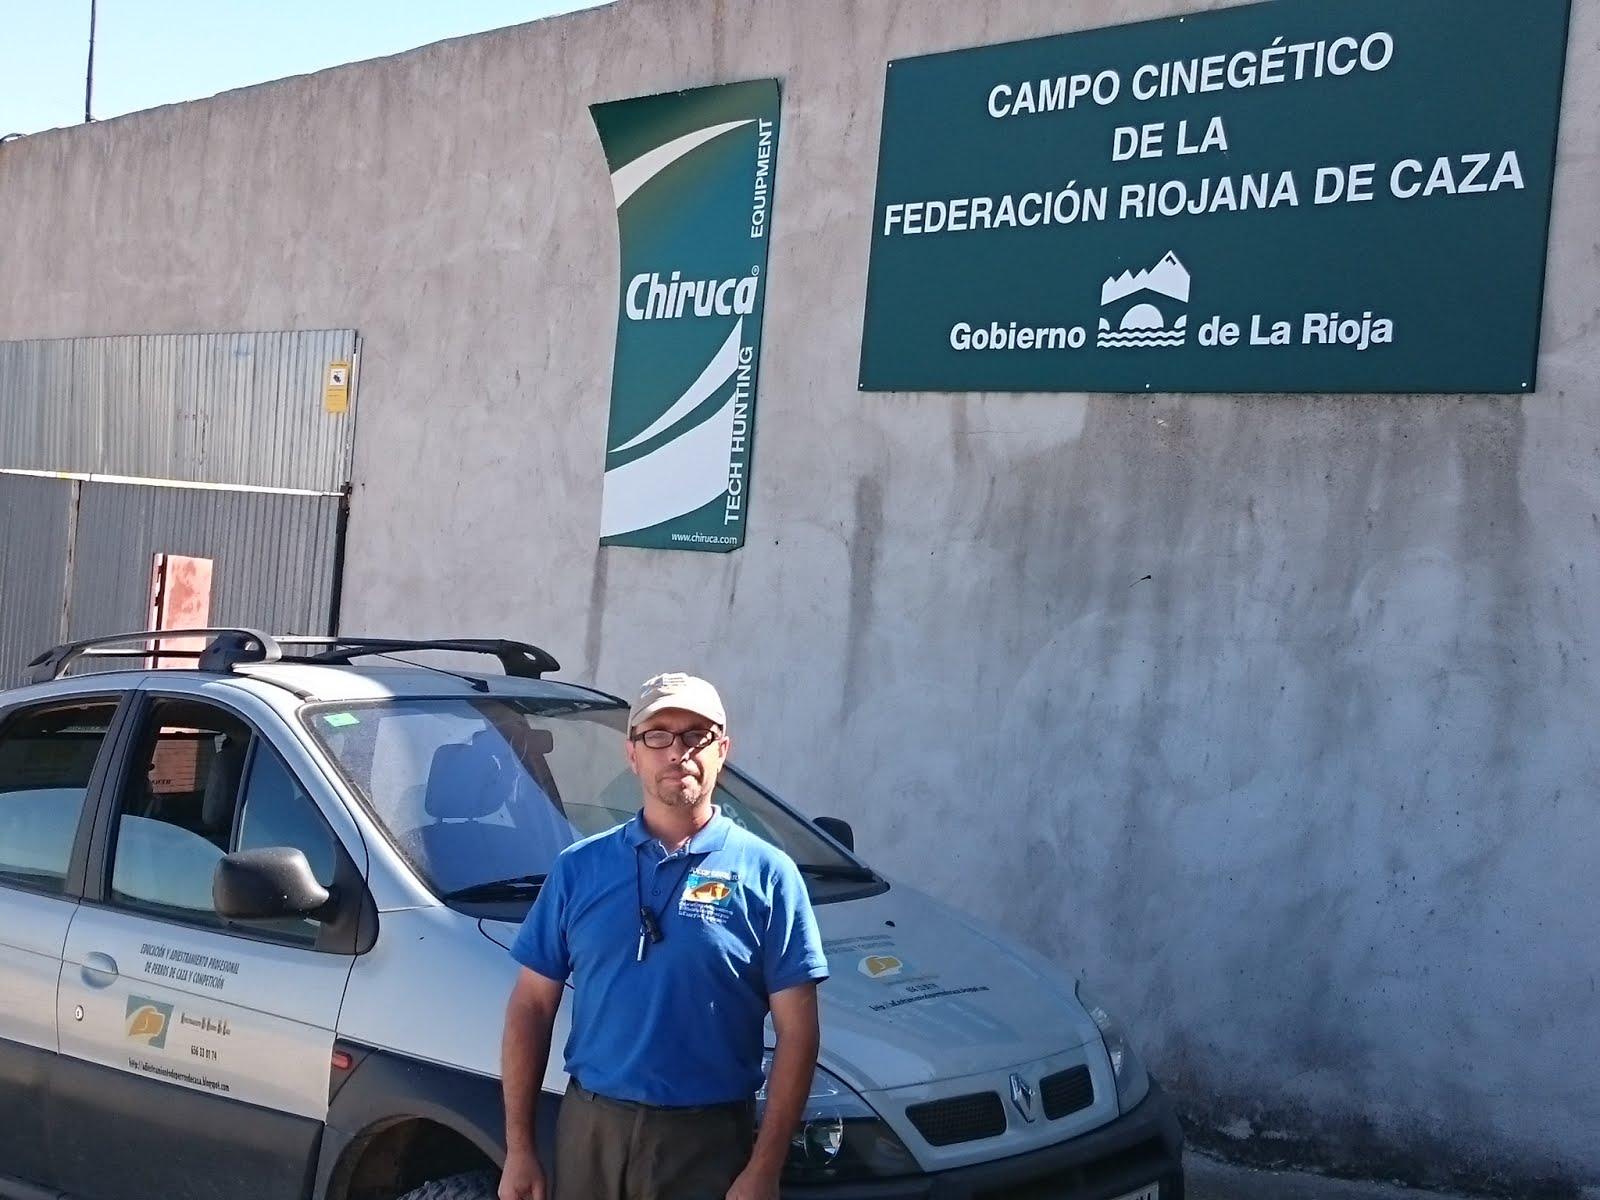 Campo Cinegético de la Federación Riojana de Caza